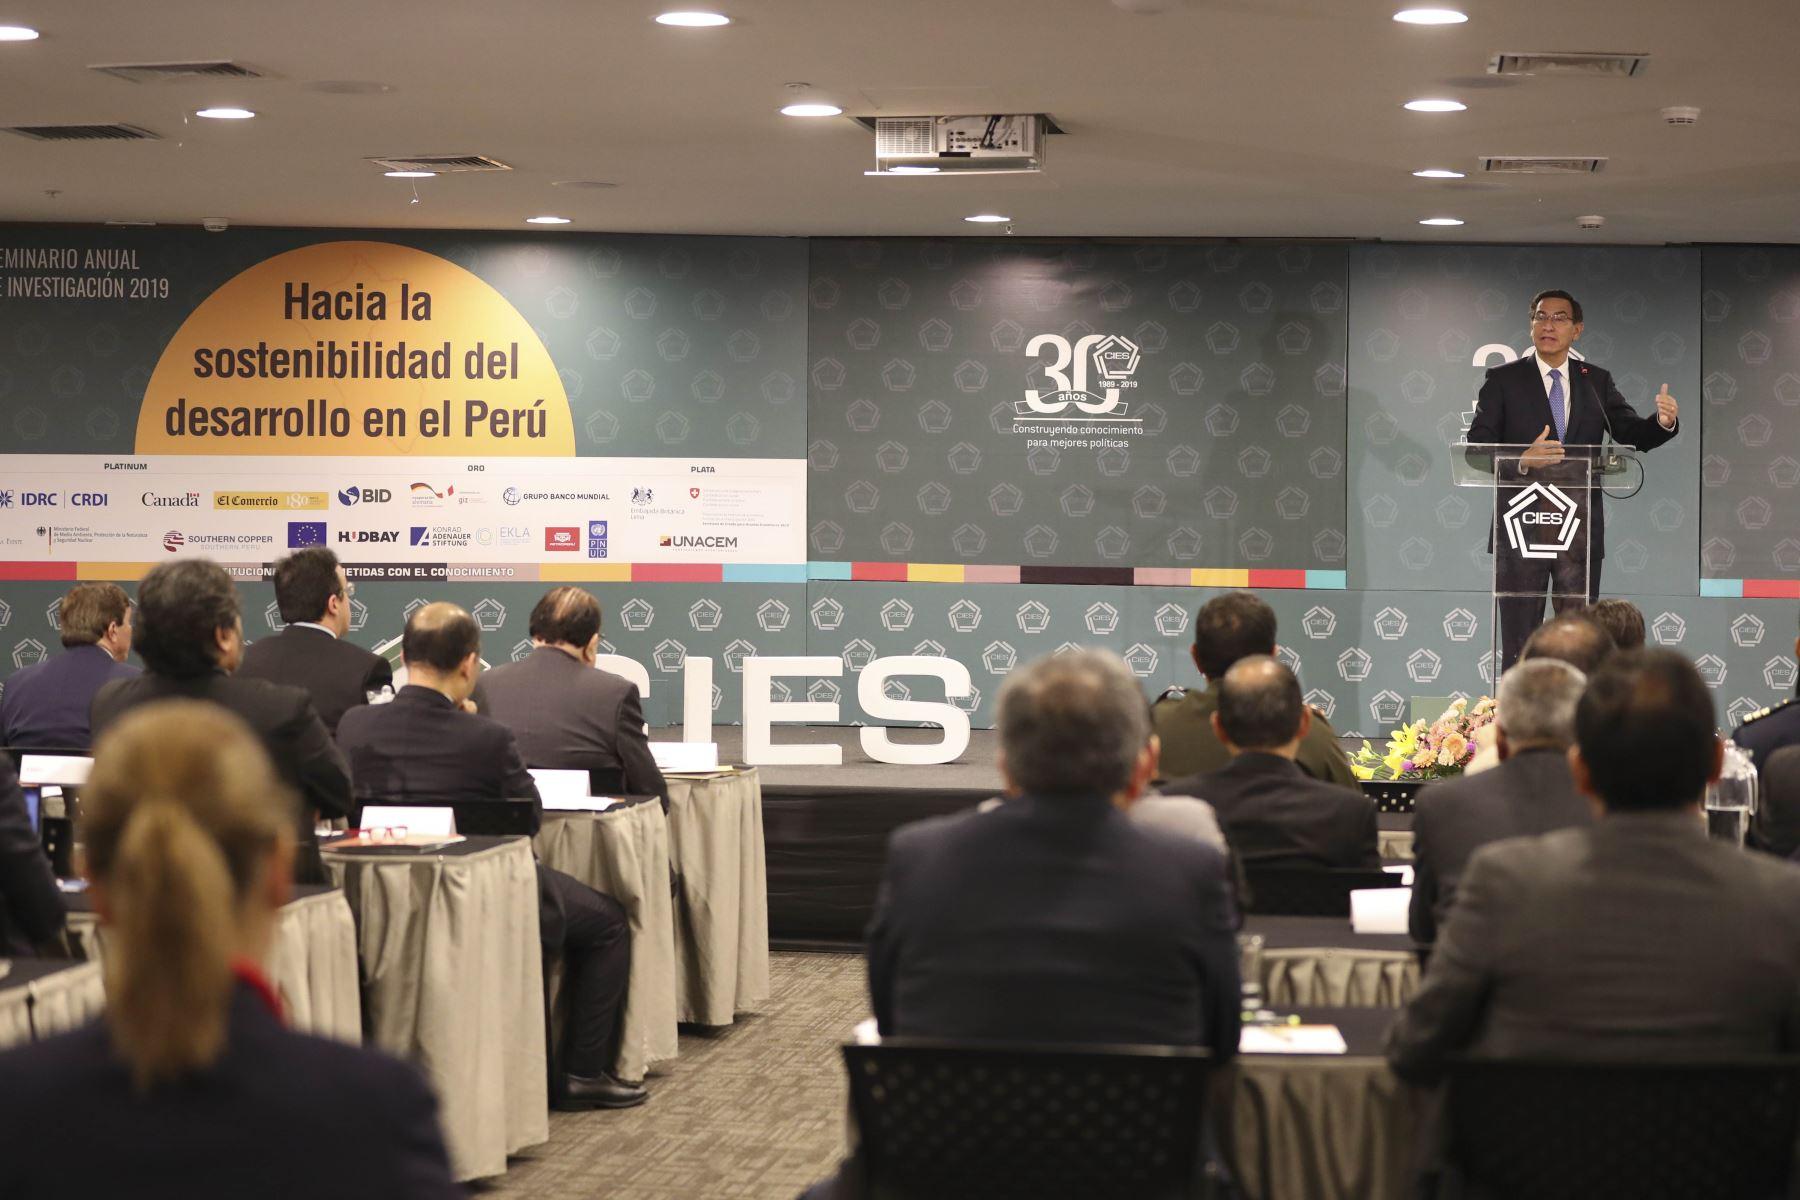 Presidente de la República, Martín Vizcarra, inauguró el XXX Seminario Anual de Investigación del Consorcio de Investigación Económica y Social - CIES 2019. Foto: ANDINA/Prensa Presidencia